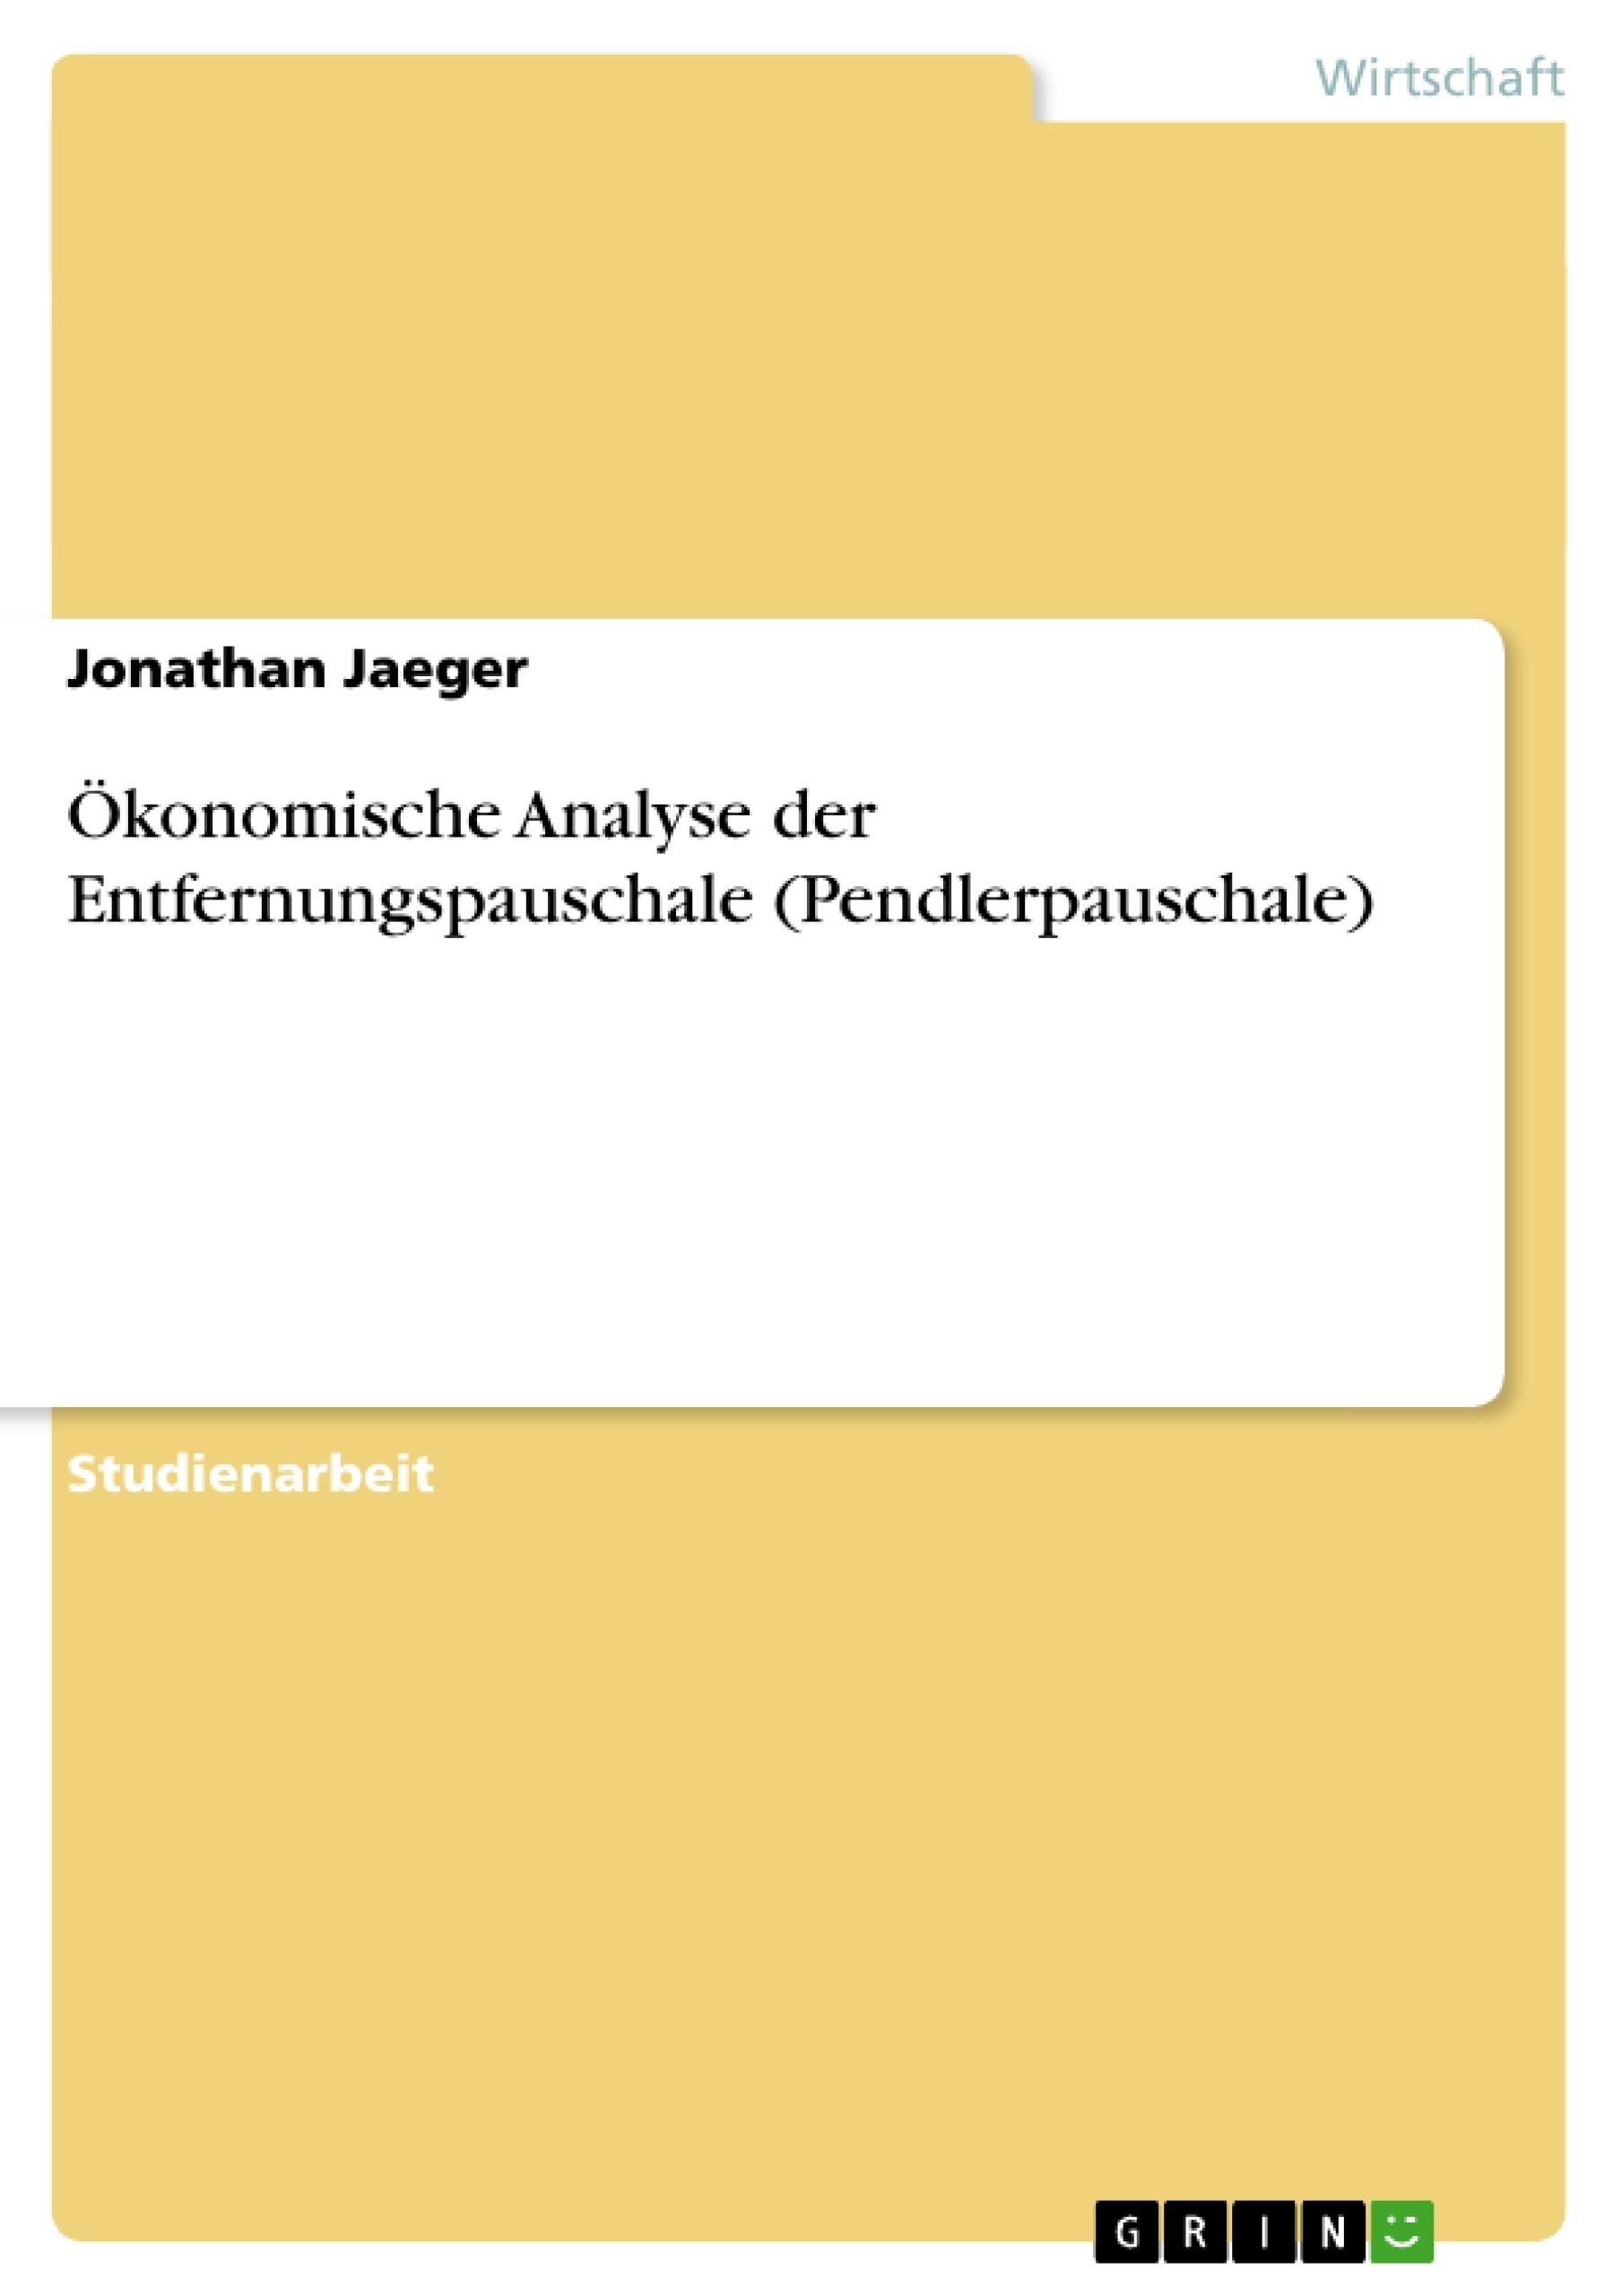 Titel: Ökonomische Analyse der Entfernungspauschale (Pendlerpauschale)